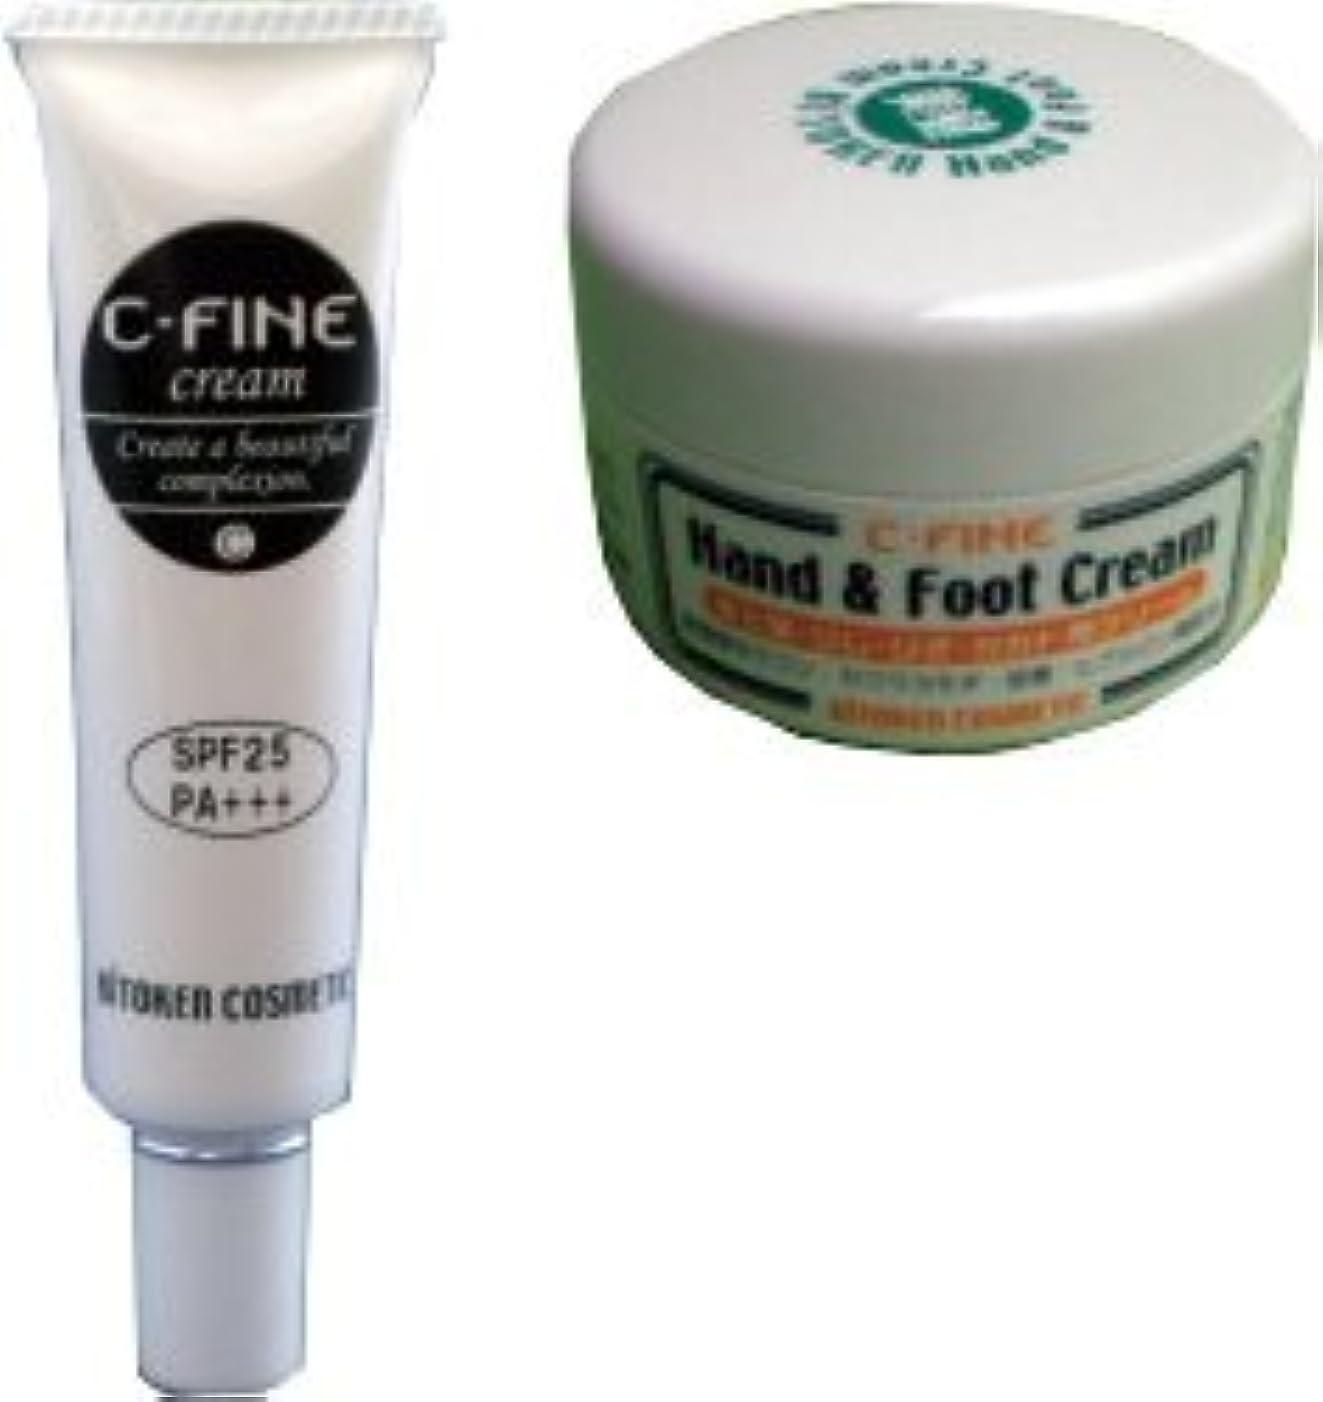 Cファインセット (日焼け止めベースクリーム?ハンド&フットクリーム) ビトケン 下地ベースの日焼け止めとのびがよくベタつかない保湿クリーム